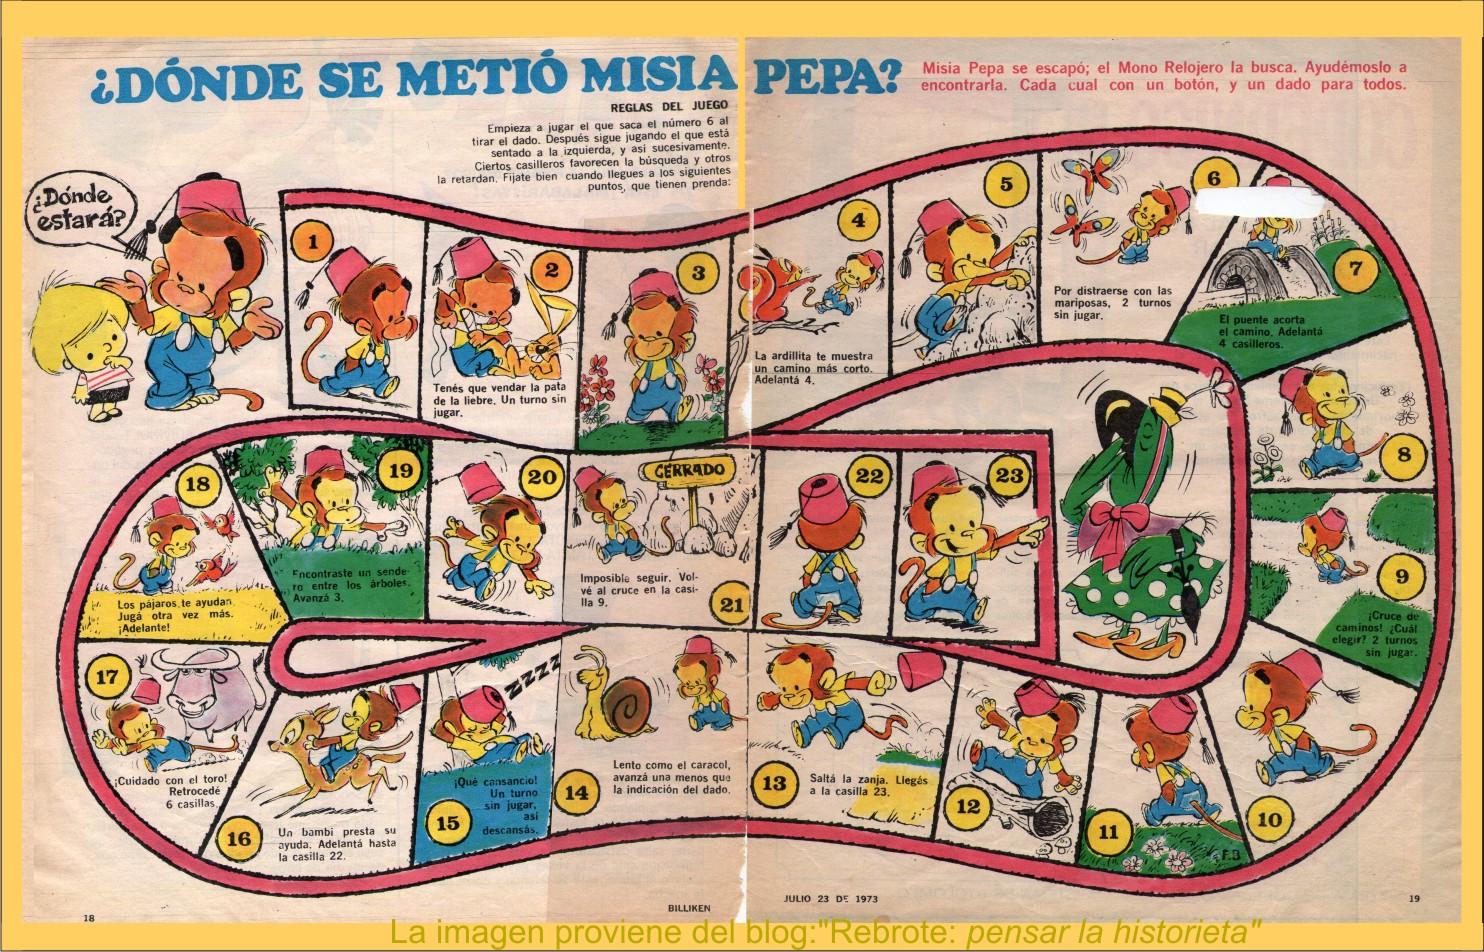 Rebrote Pensar La Historieta El Mono Relojero Te Regala Un Juego